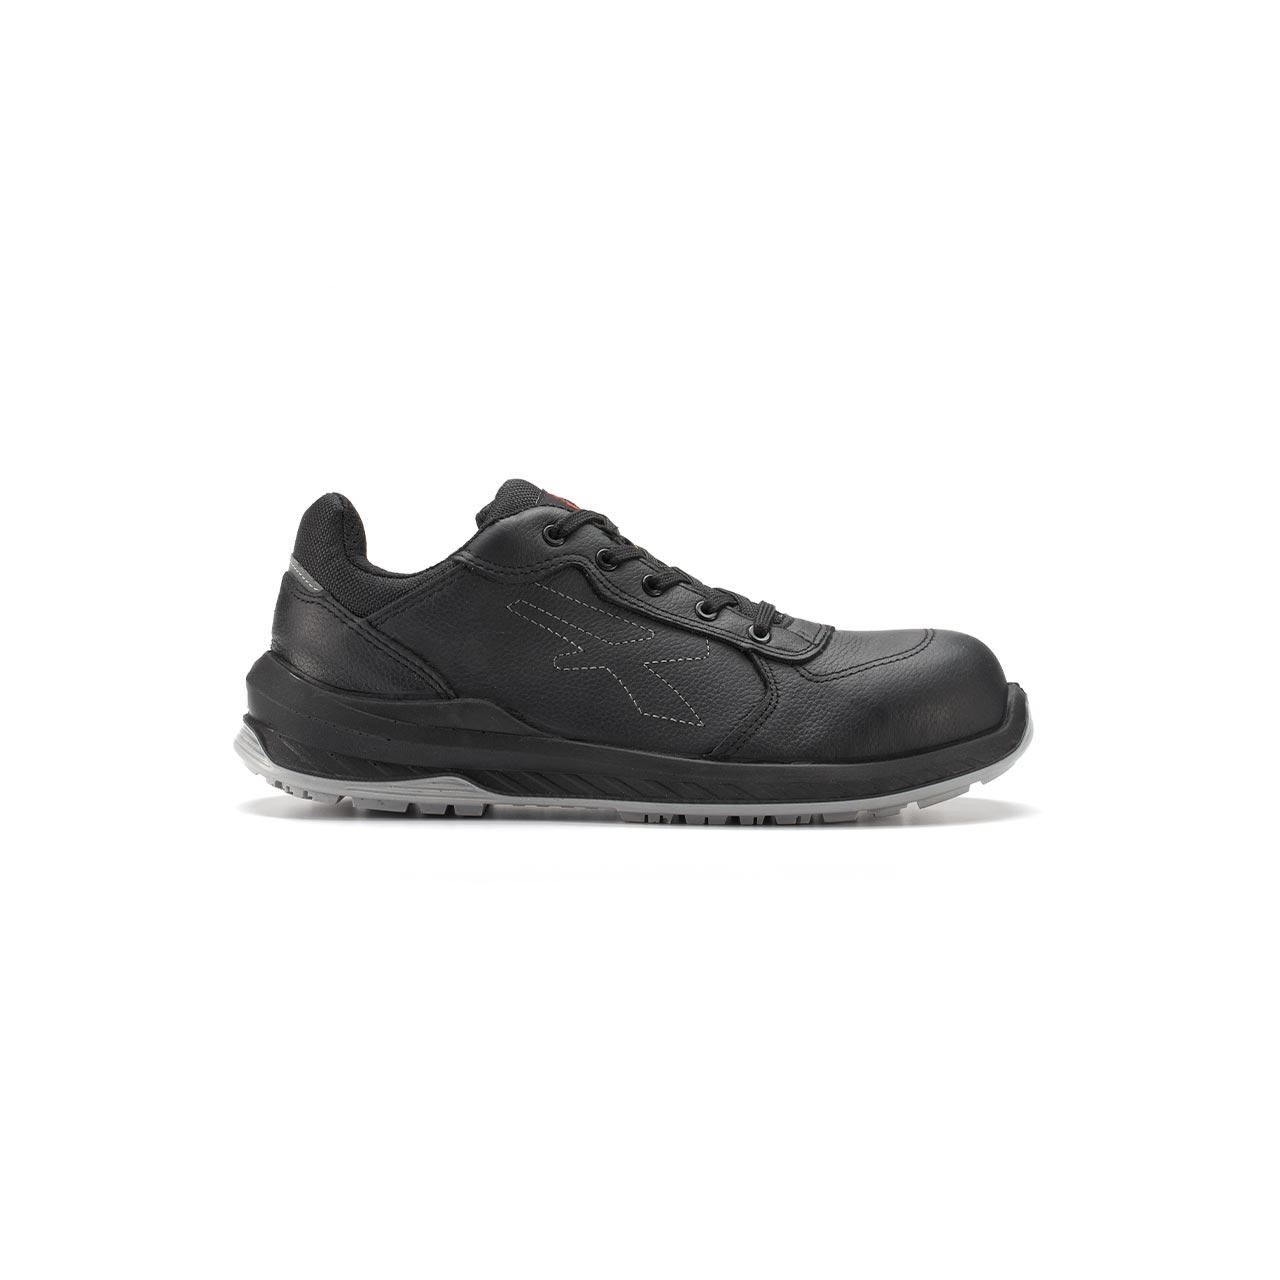 calzatura da lavoro upower modello nero linea redindustry vista lato destro